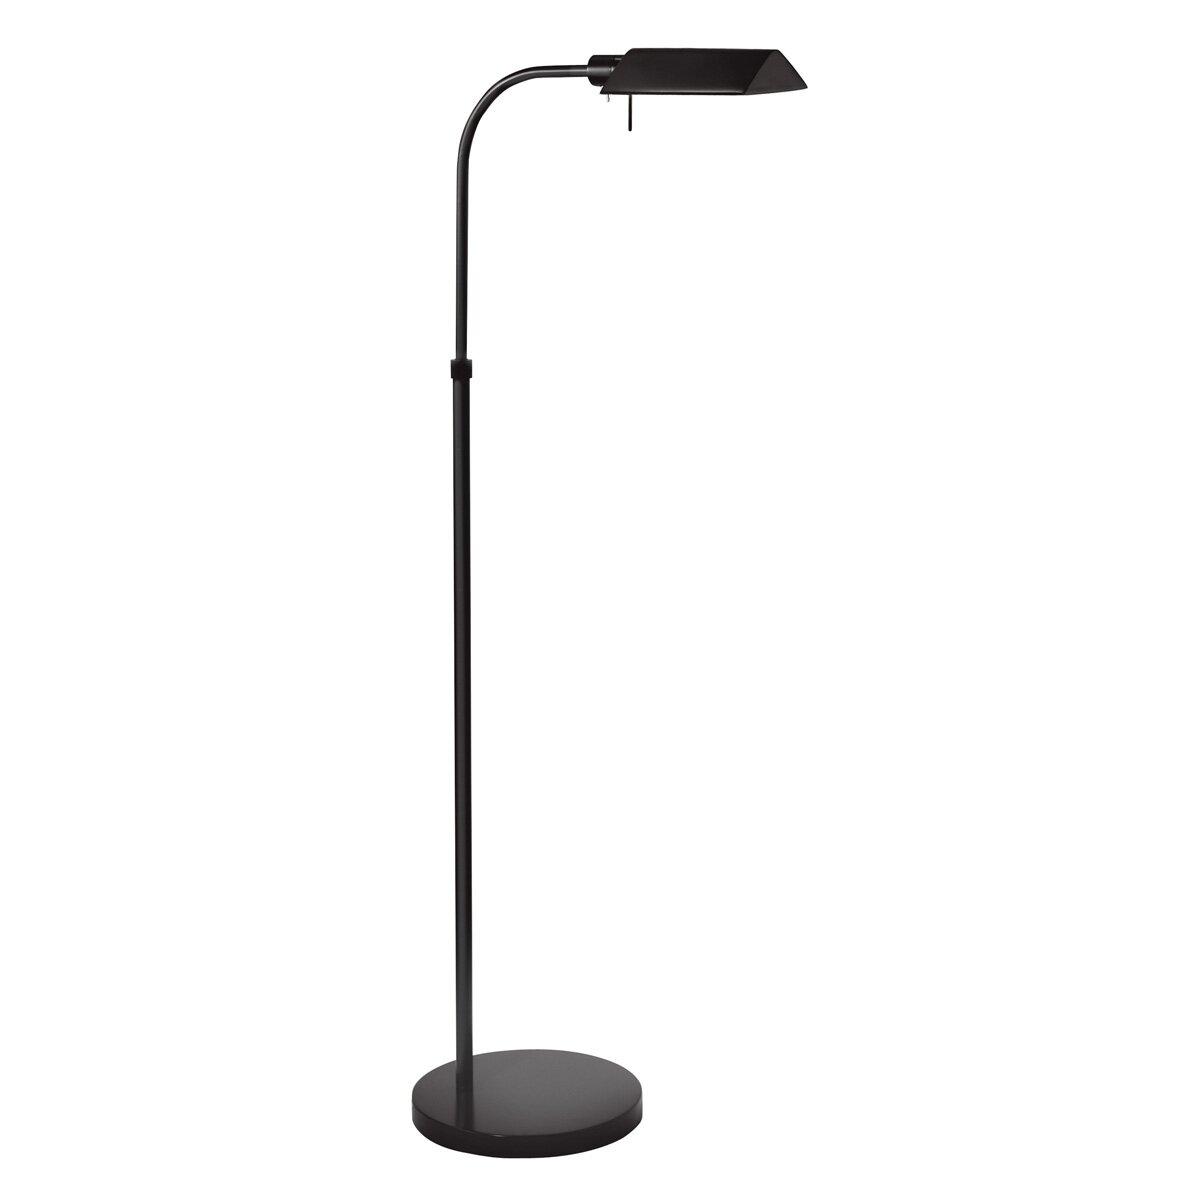 Sonneman Tenda 37 5 Quot Task Floor Lamp Amp Reviews Wayfair